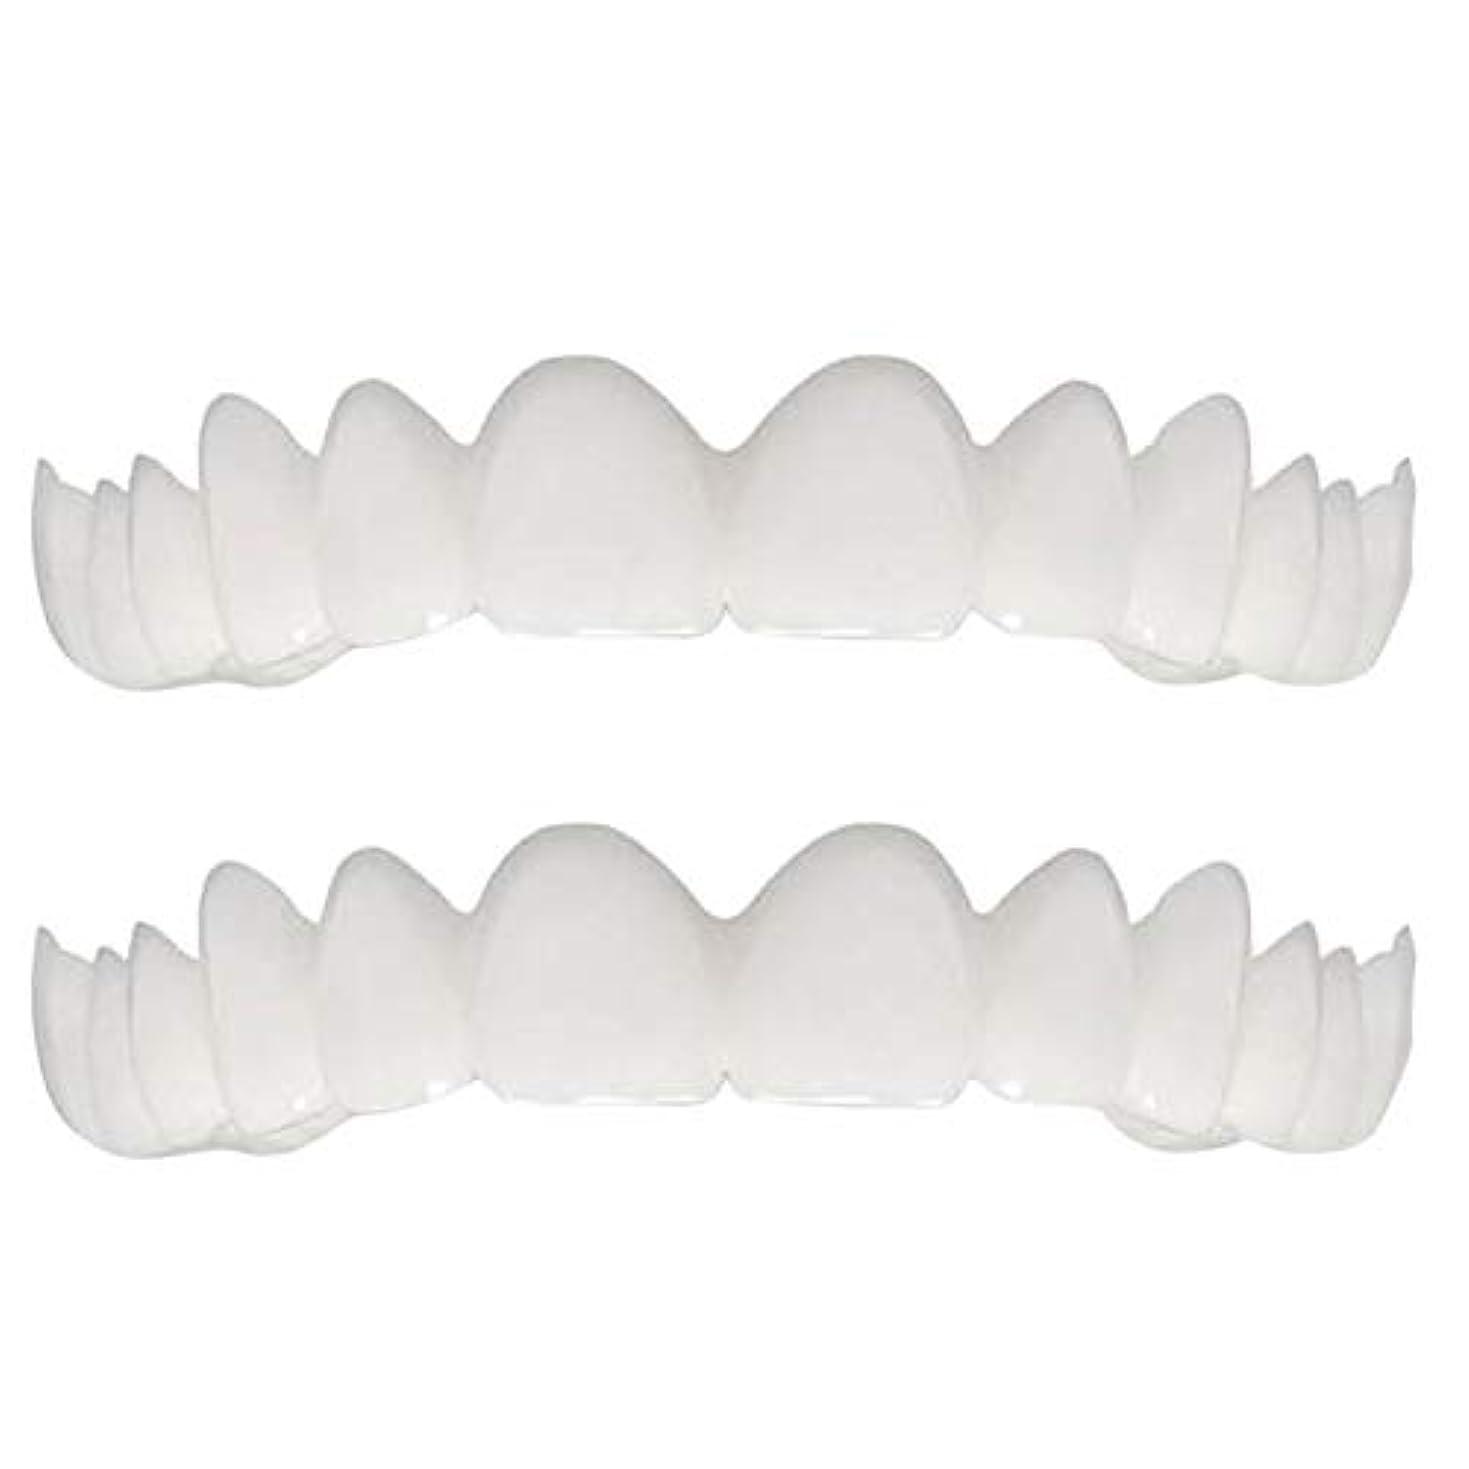 キャッシュ露談話シリコーンシミュレーション義歯、白い歯ブレースの上下の列(5セット),Boxed,UpperLower